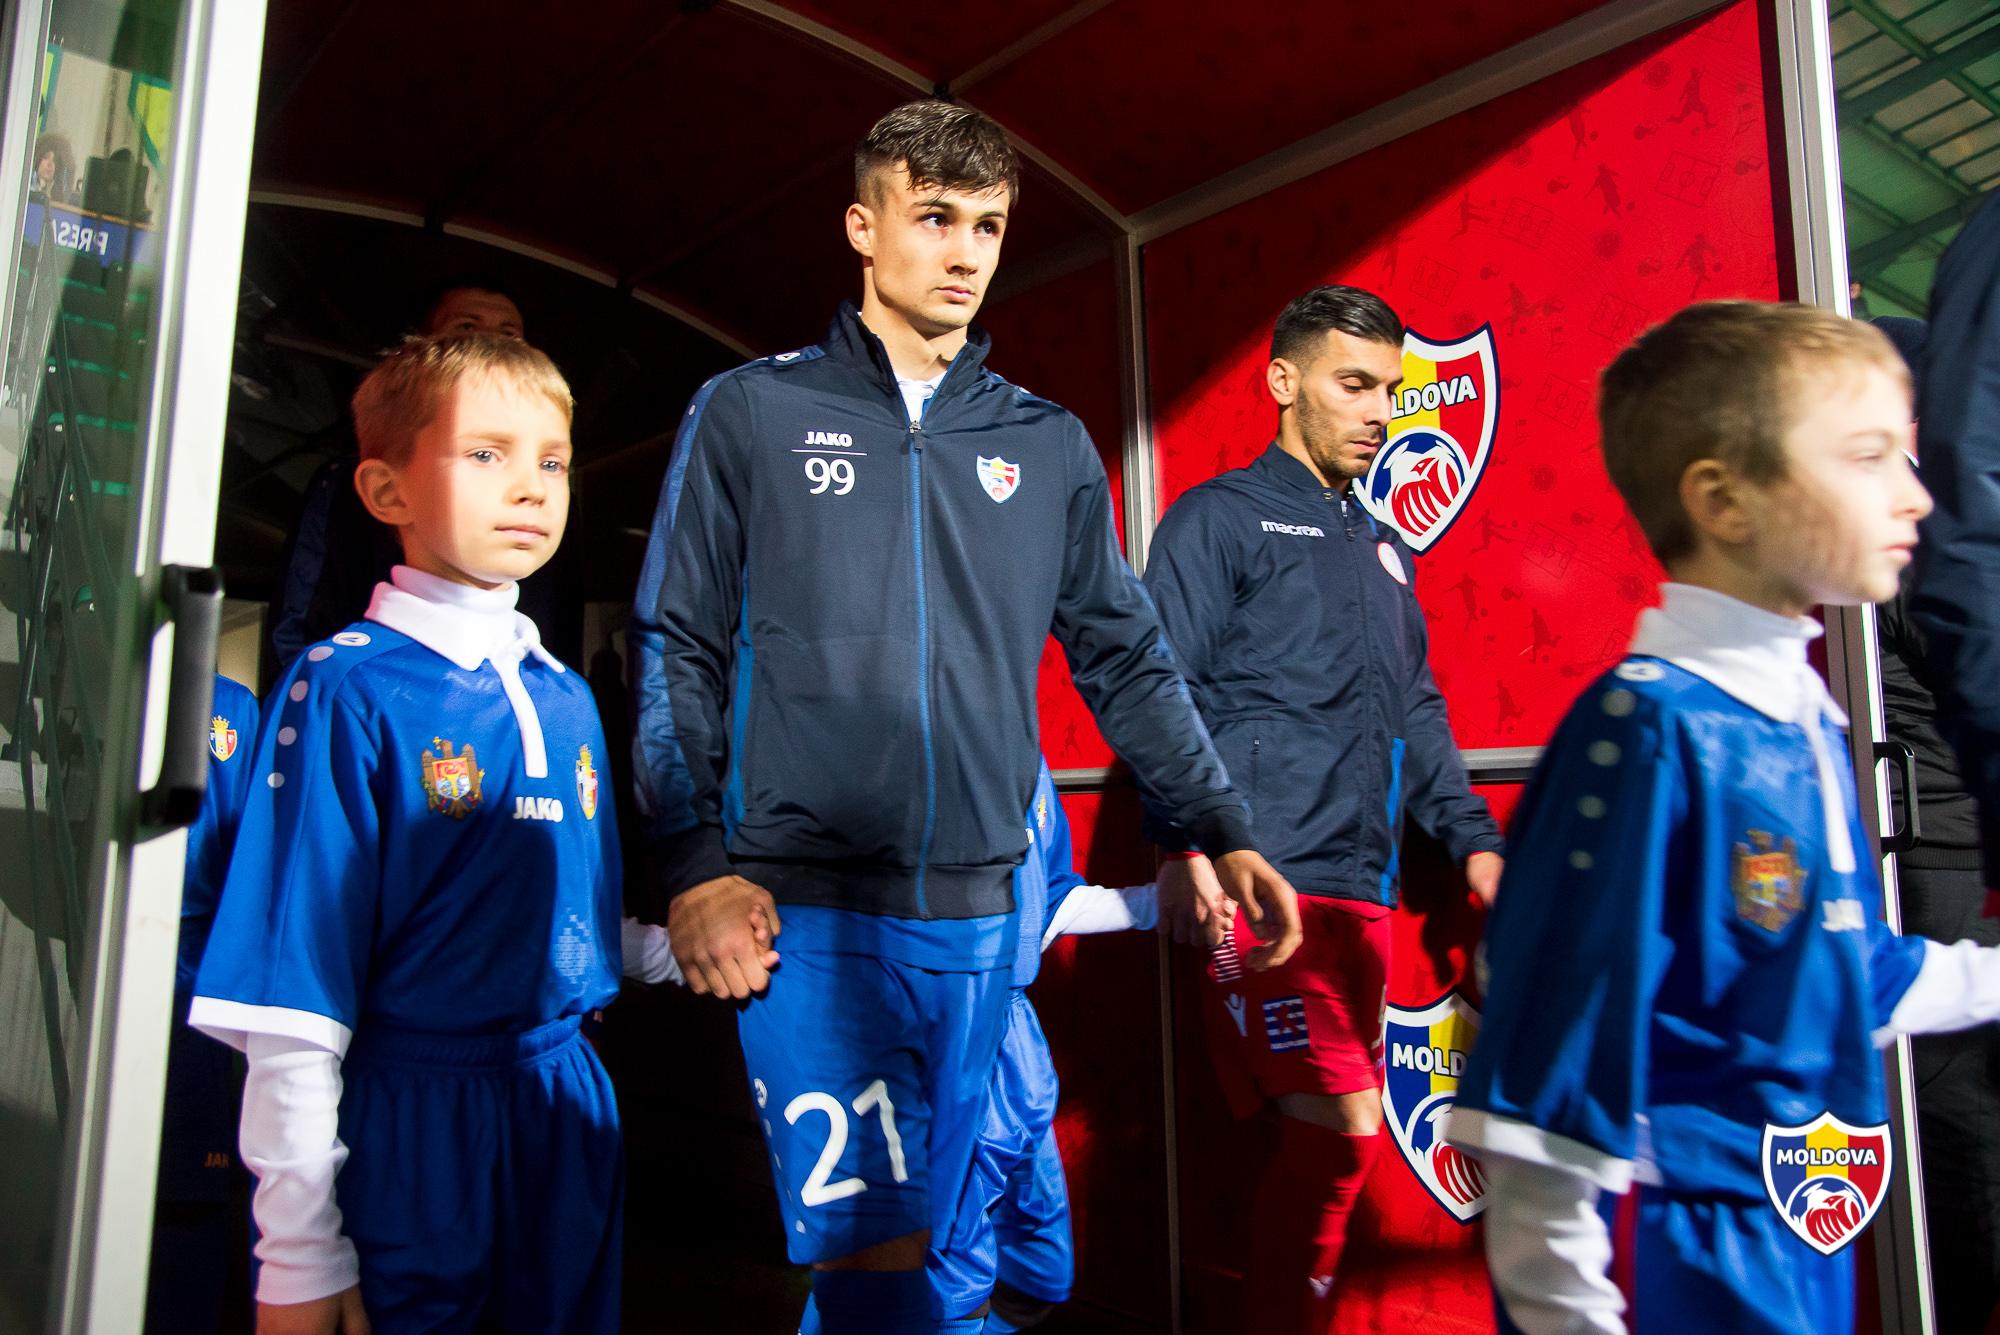 Ultimul clasament FIFA din acest an. Ce loc ocupă Moldova